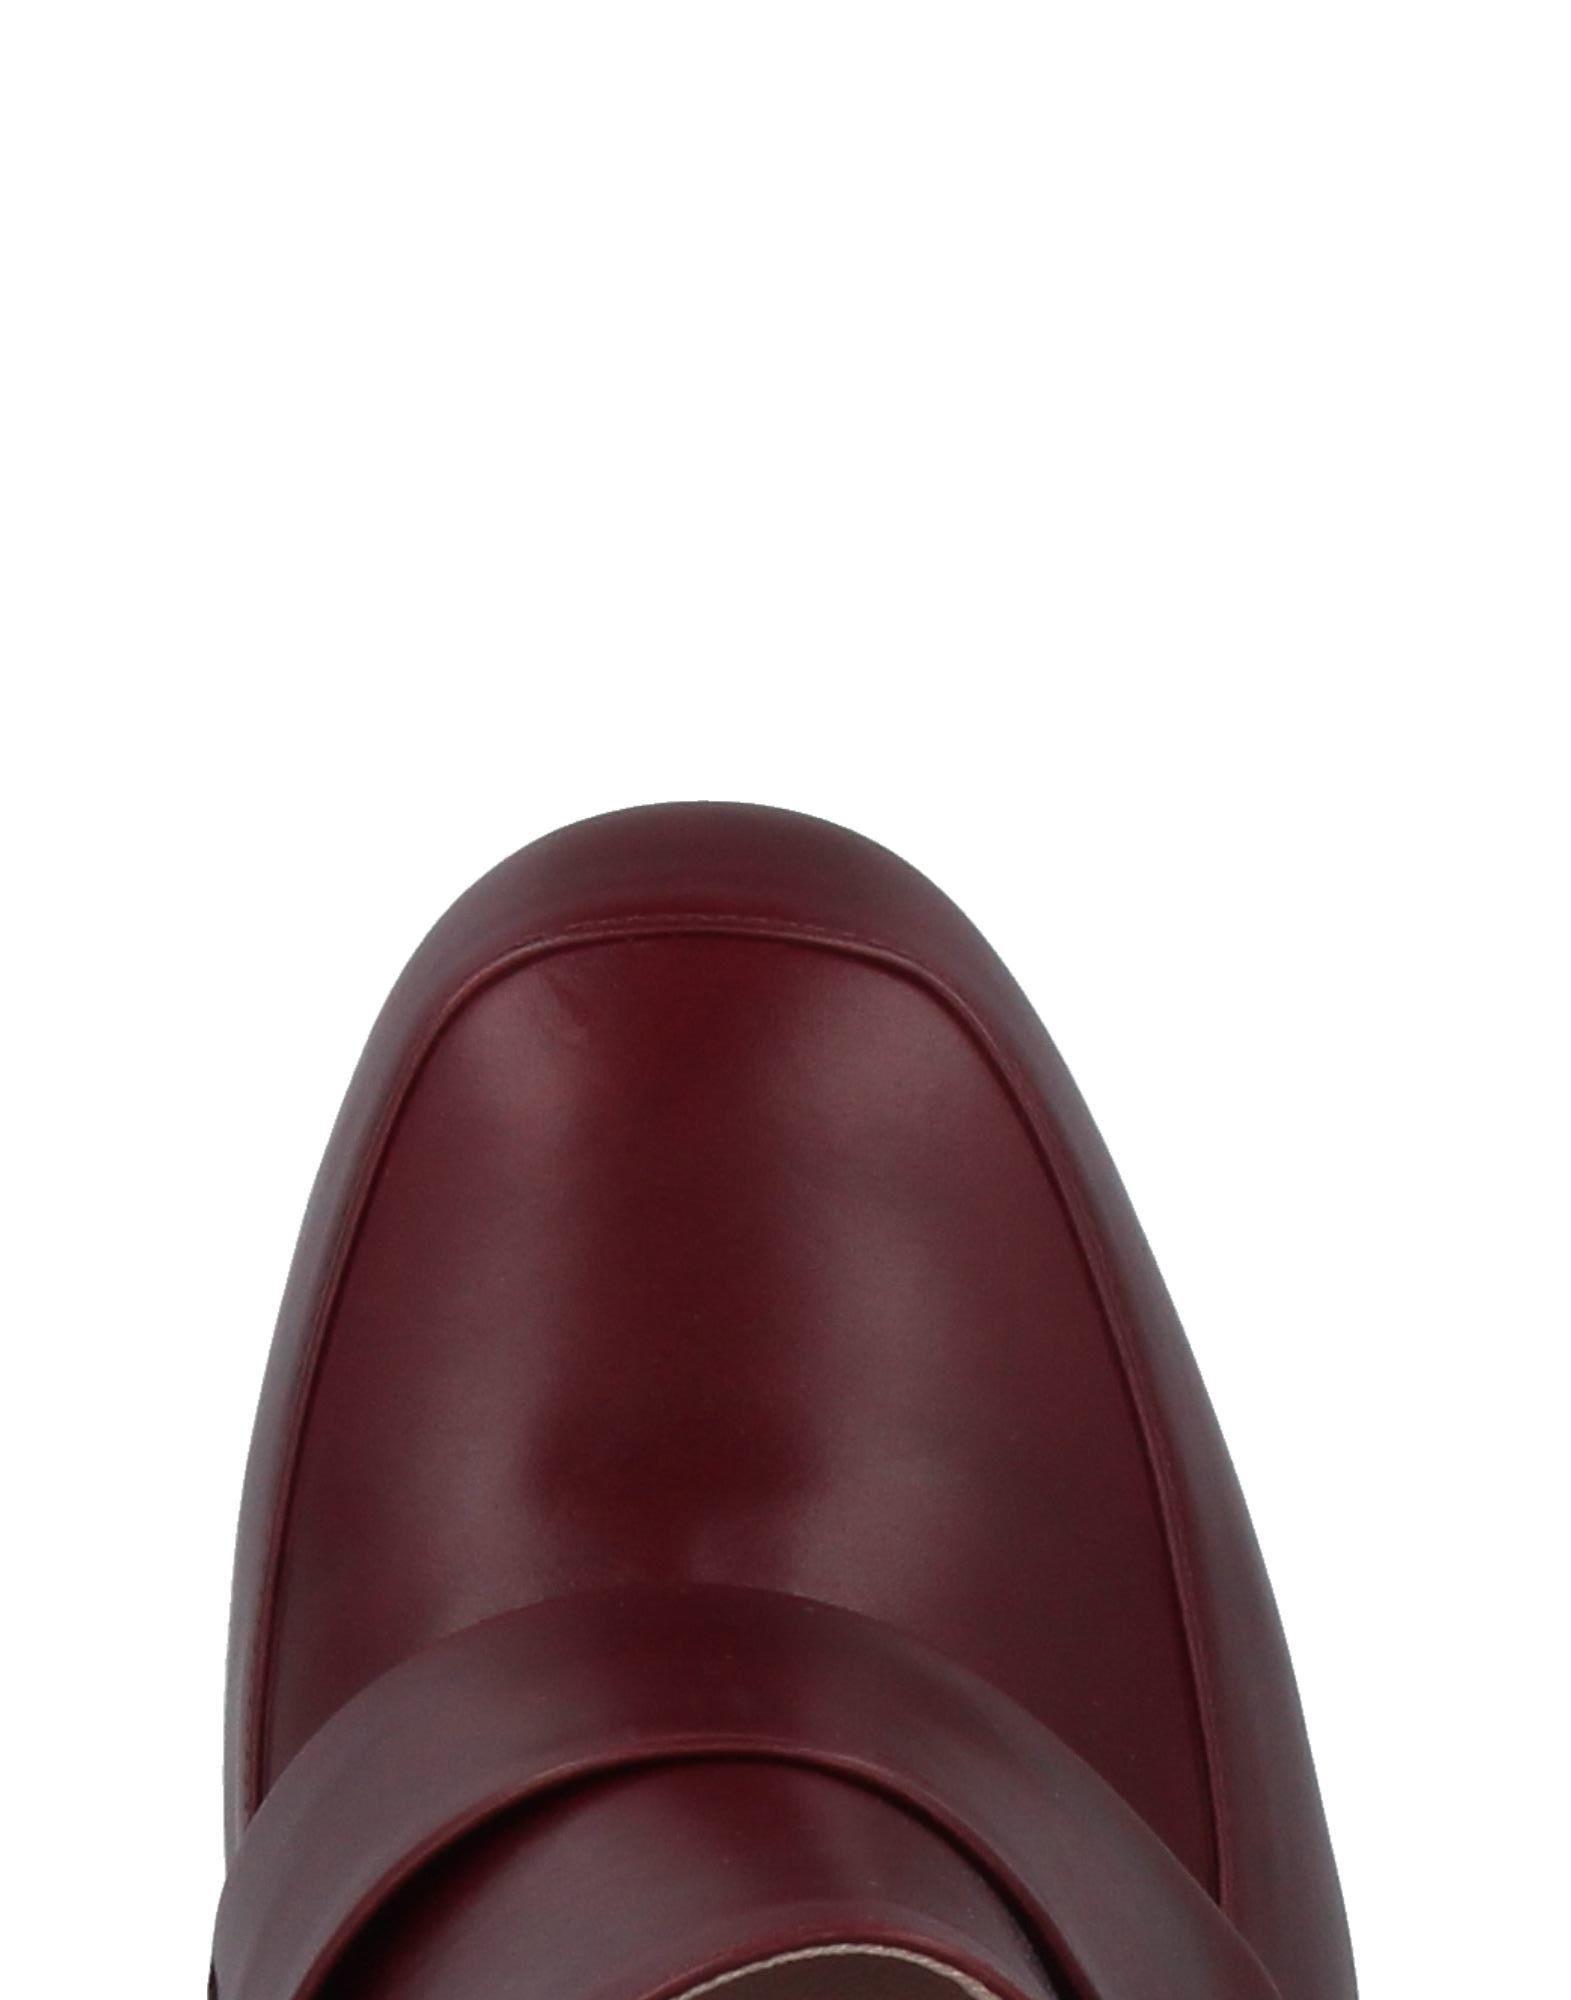 Aperlai Mokassins Damen  11391044LH Gute Qualität beliebte Schuhe